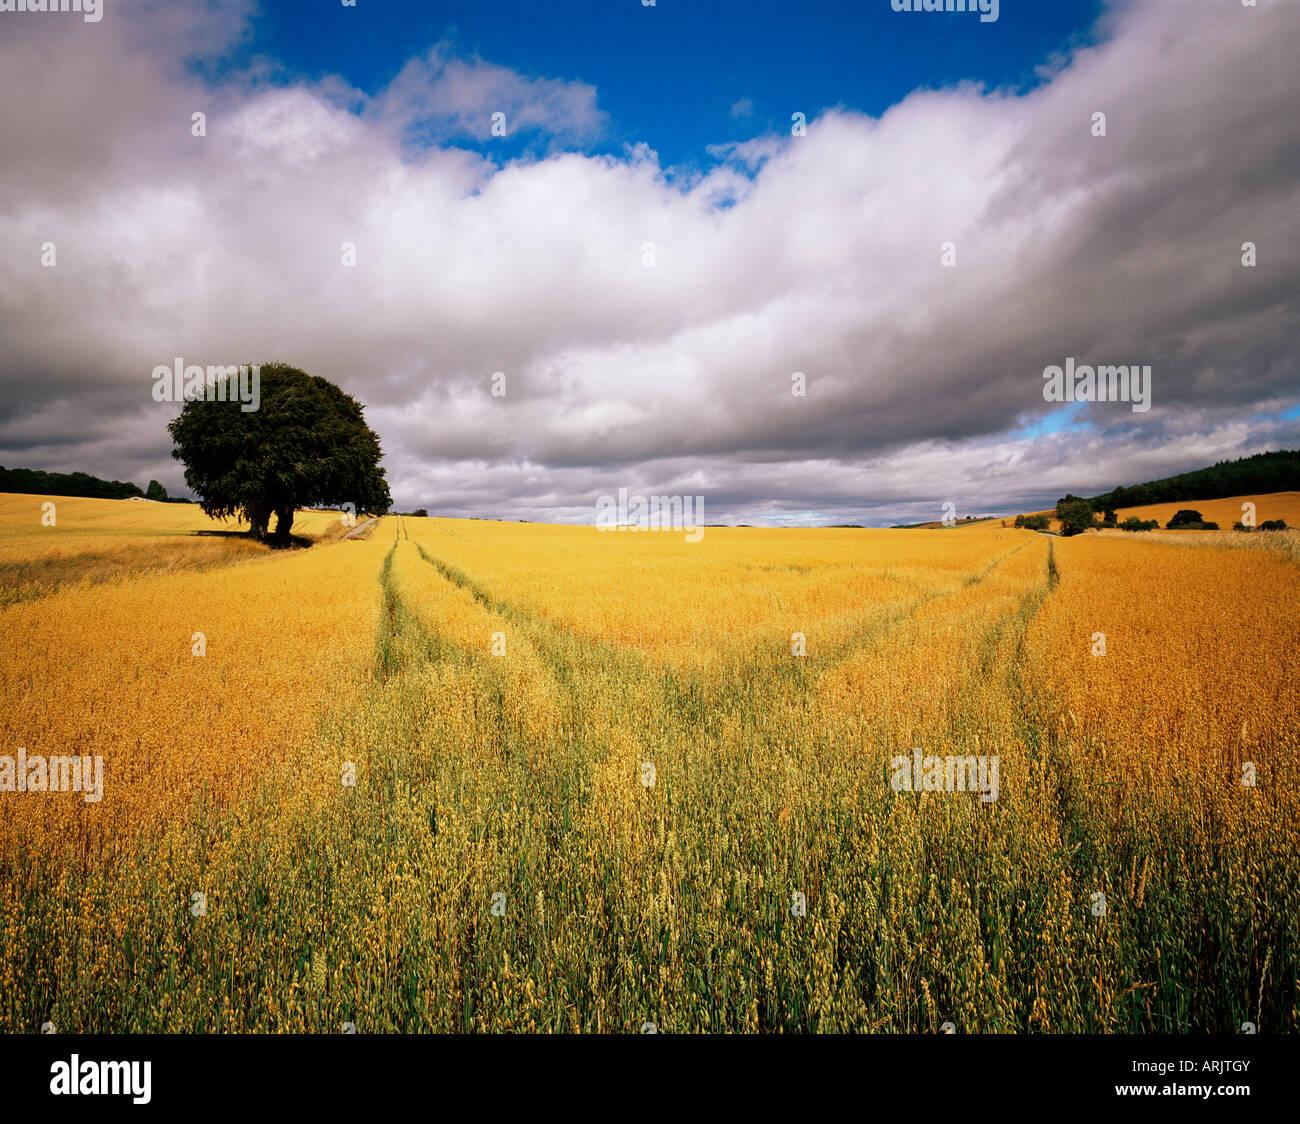 Felder von Getreide, in der Nähe von Avoch, Black Isle, Schottland, Vereinigtes Königreich, Europa Stockbild